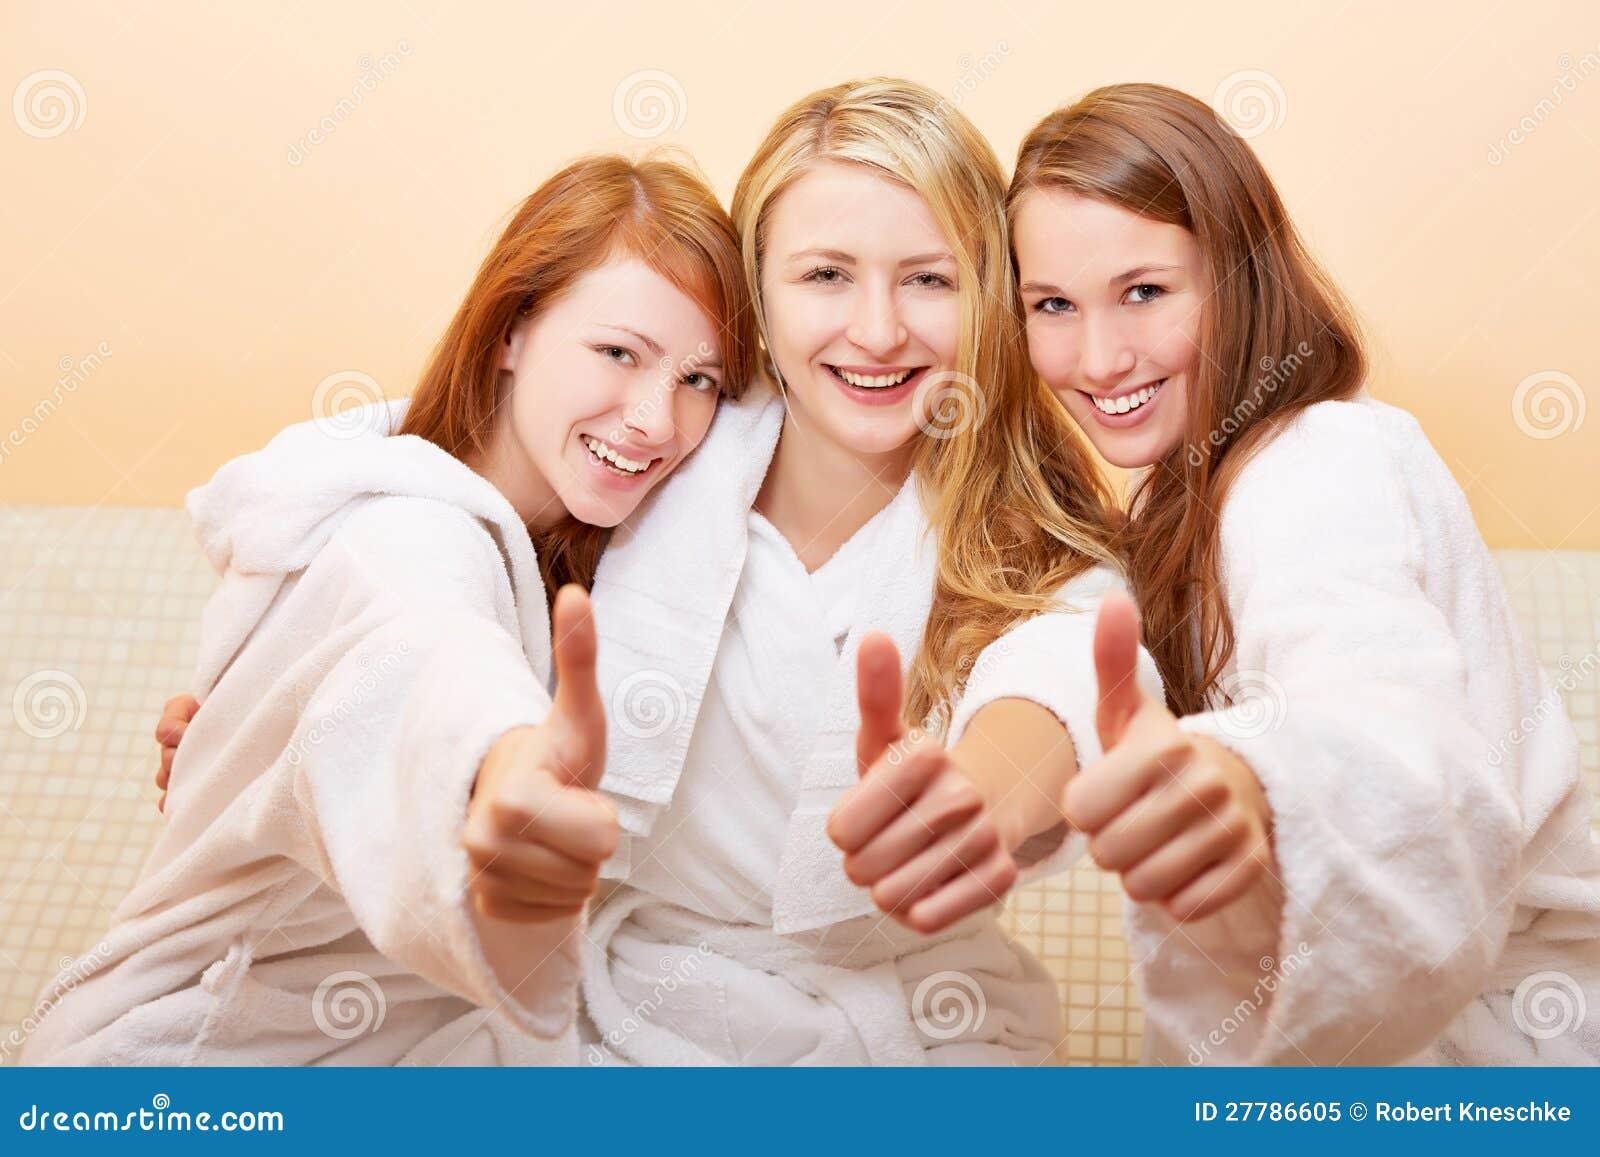 Le donne nella holding del bagno sfoglia in su fotografia - Le donne in bagno ...